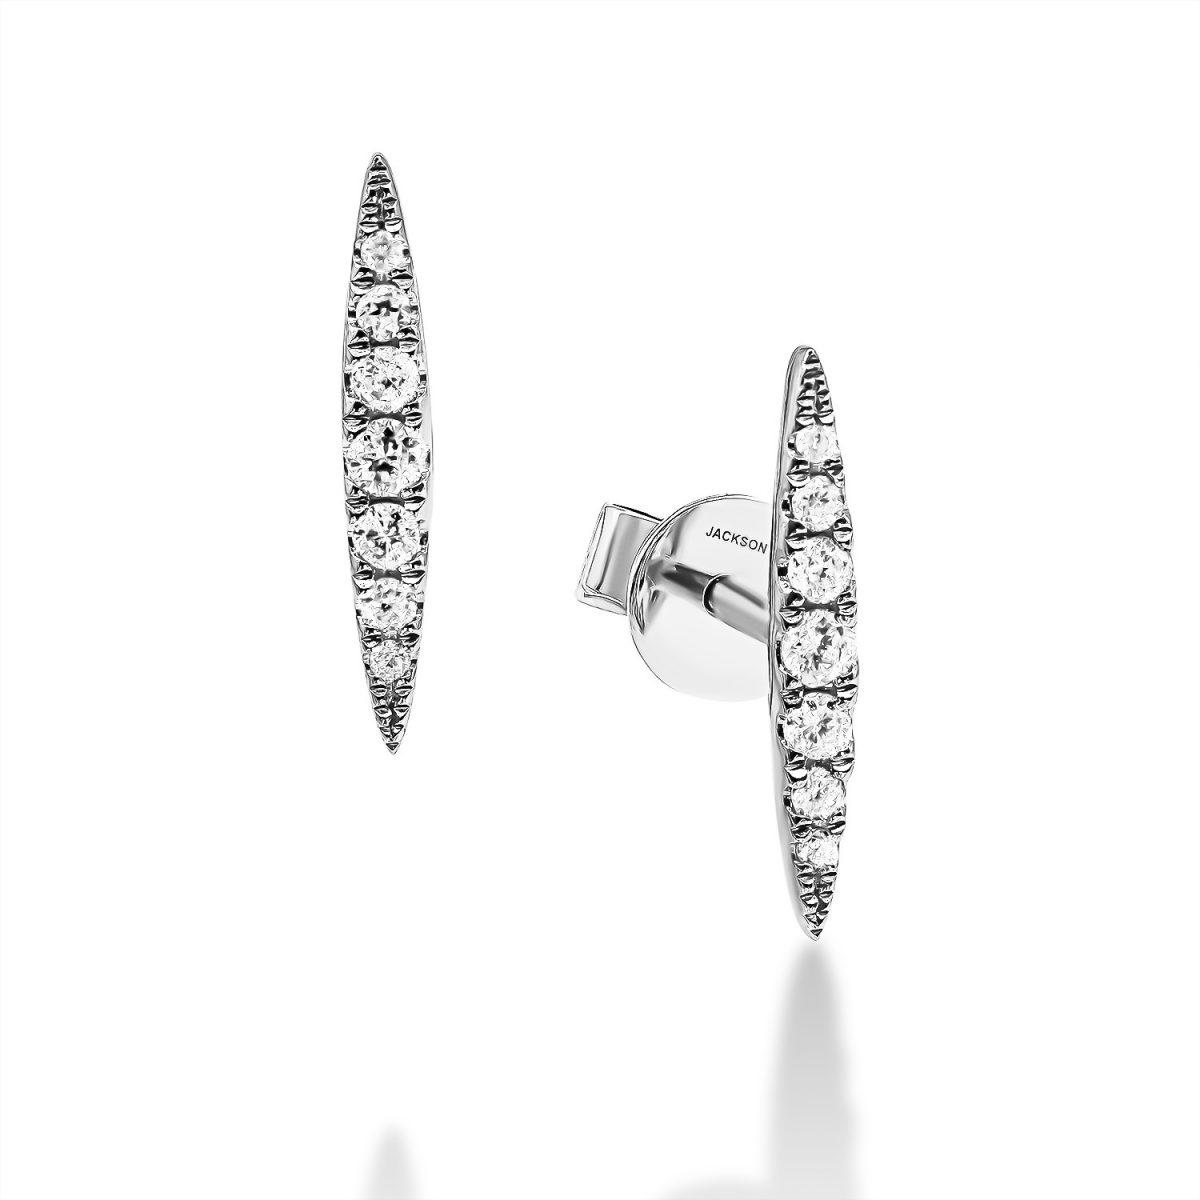 עגילי יהלומים - מישל - זהב לבן